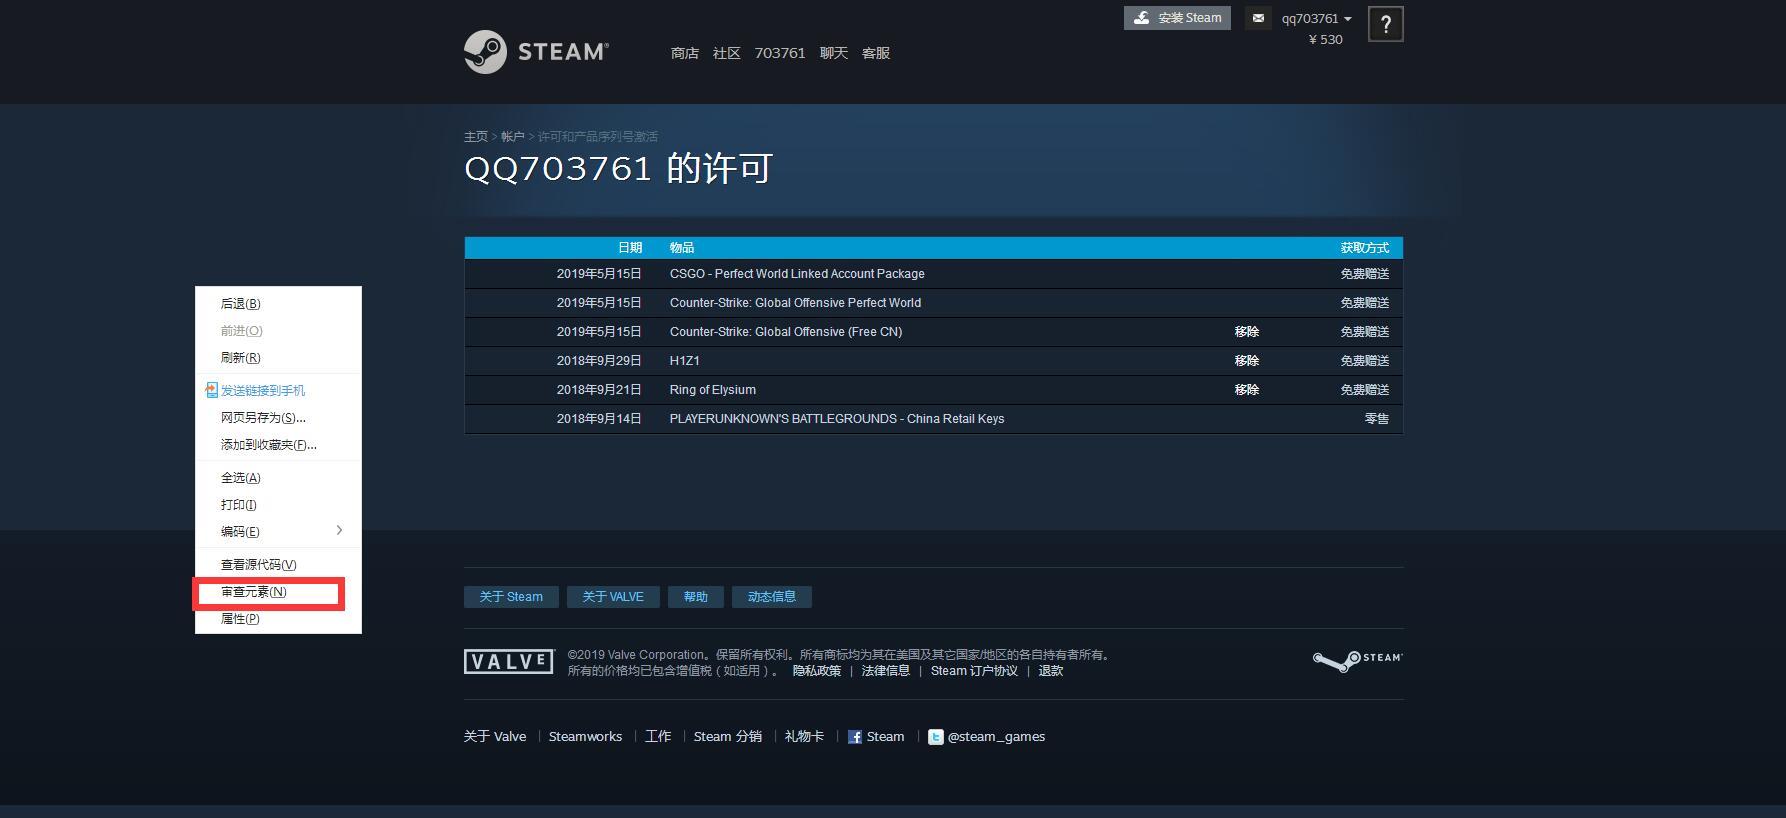 免费领Steam游戏N个